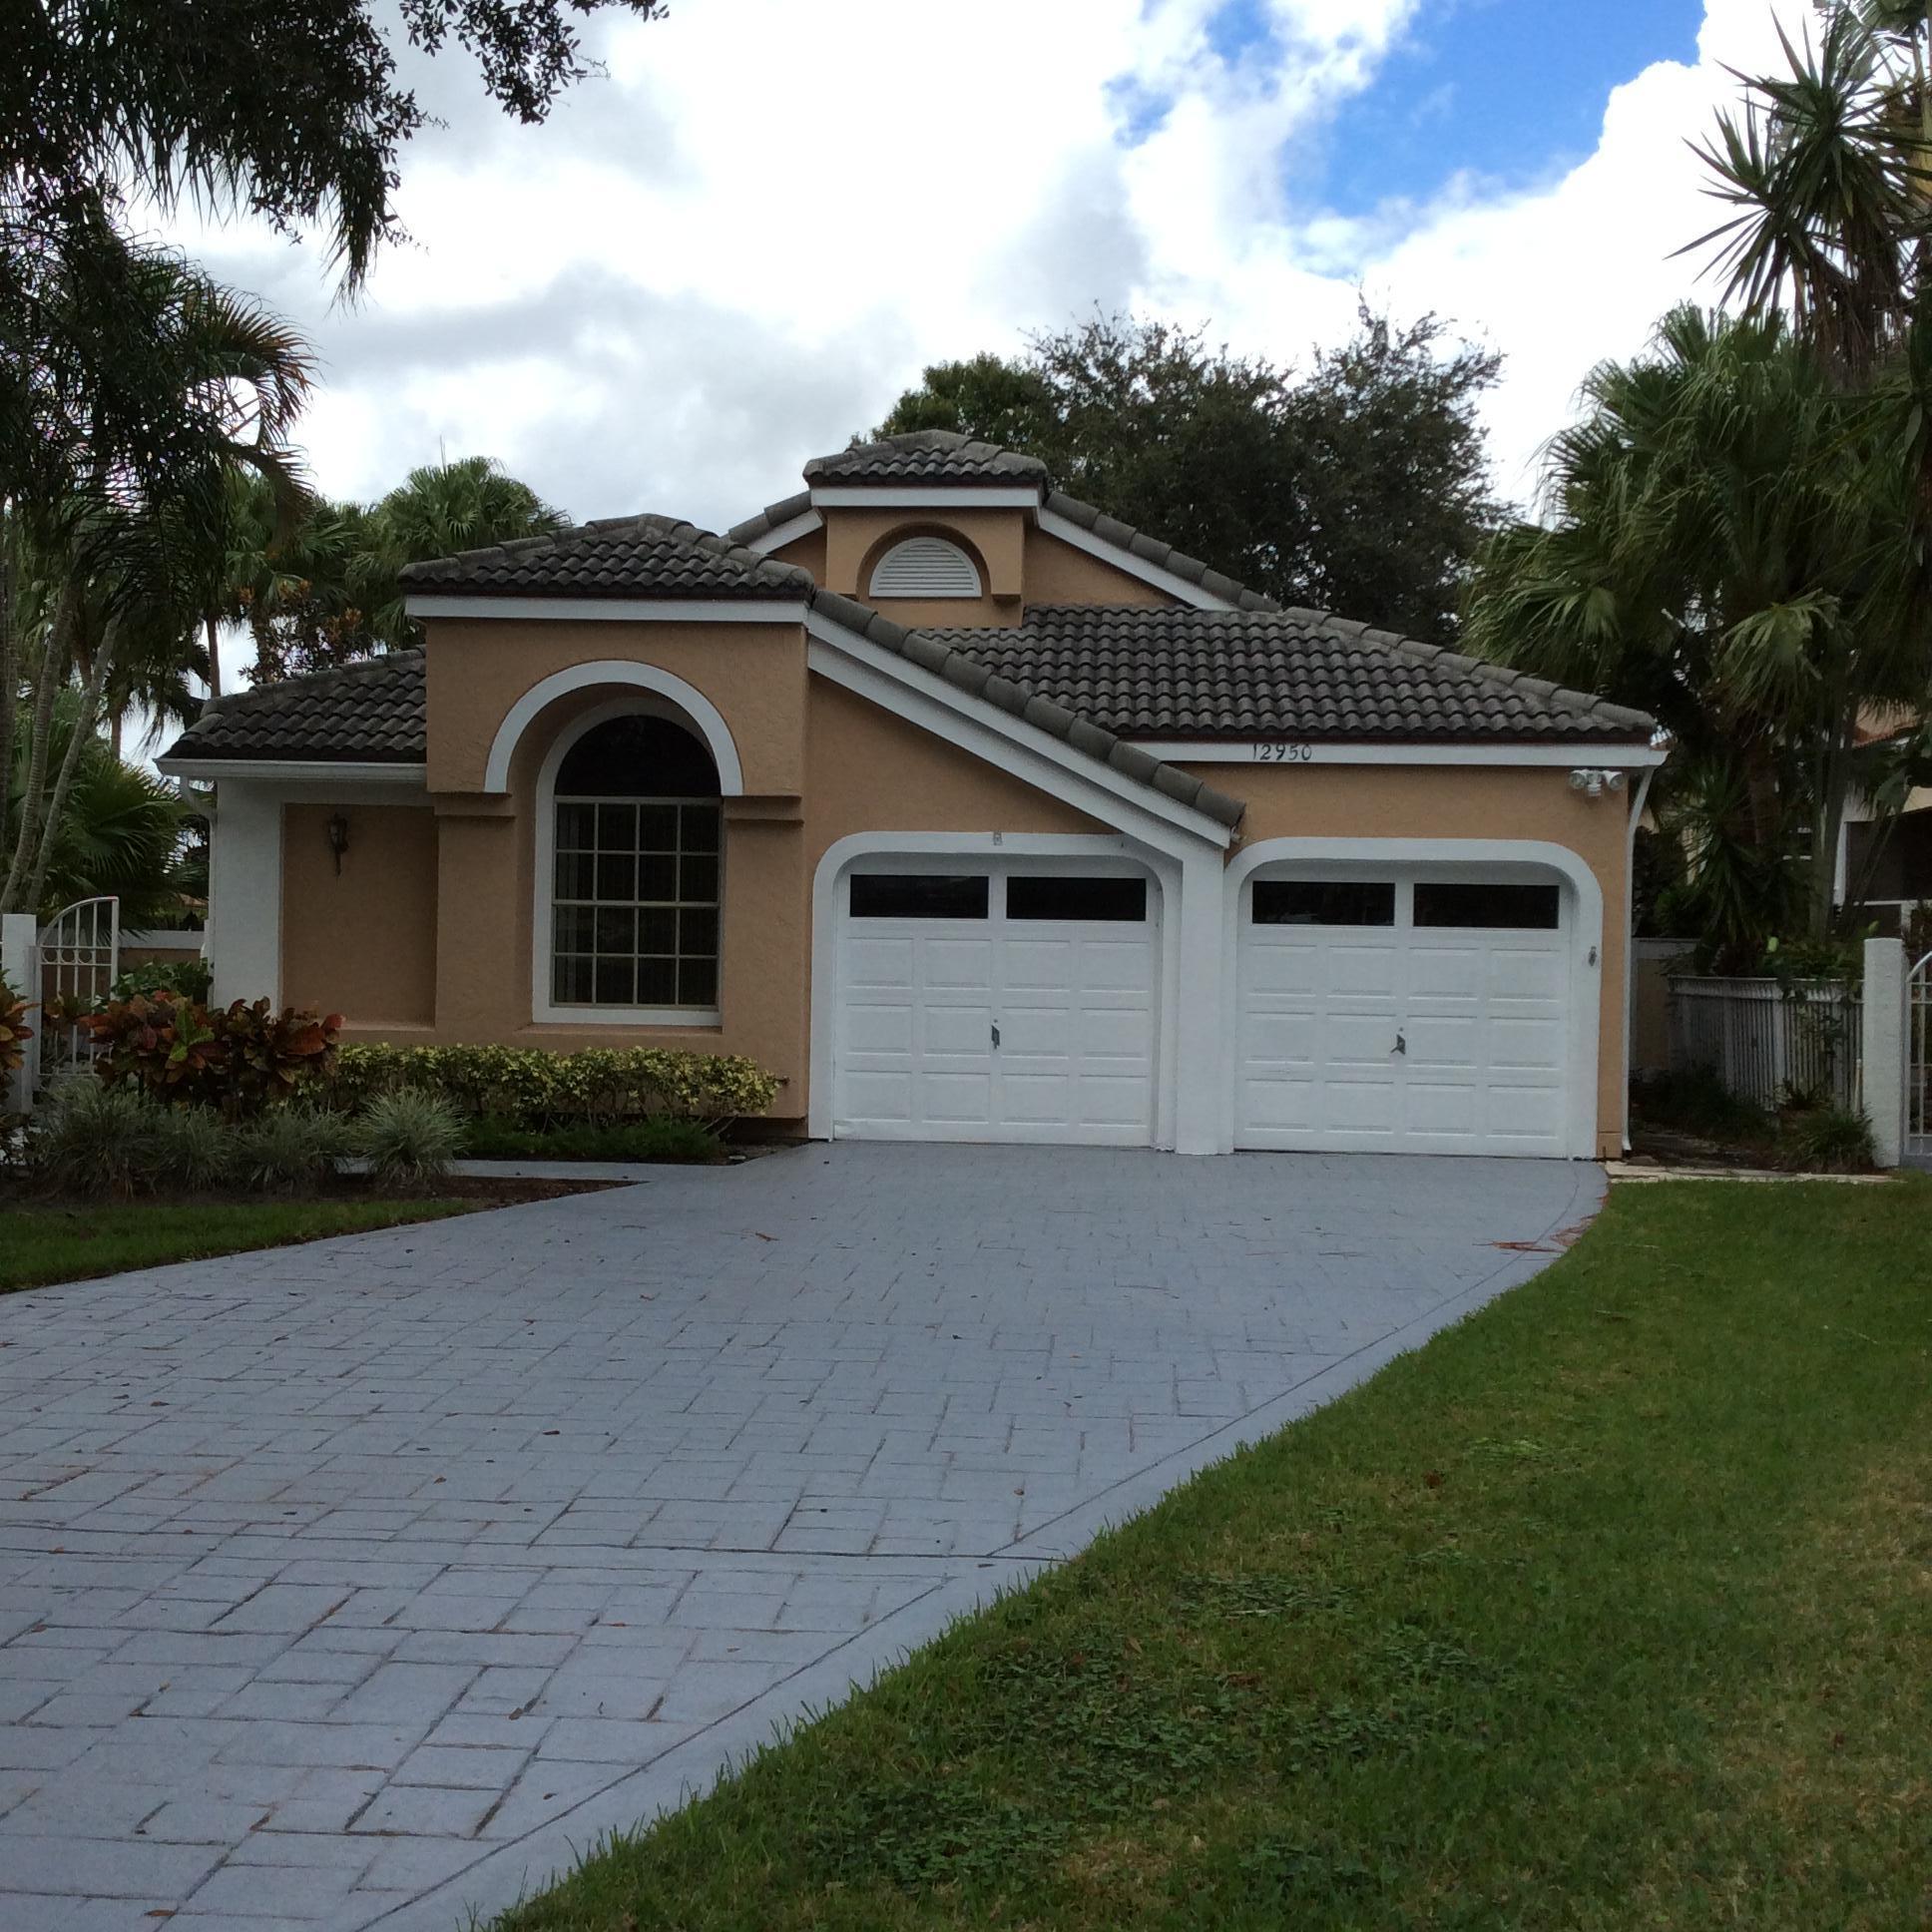 eastpointe palm beach gardens. Eastpointe Palm Beach Gardens Homes \u0026 Real Estate For Sale | Jeff Lichtenstein 561-346-8383